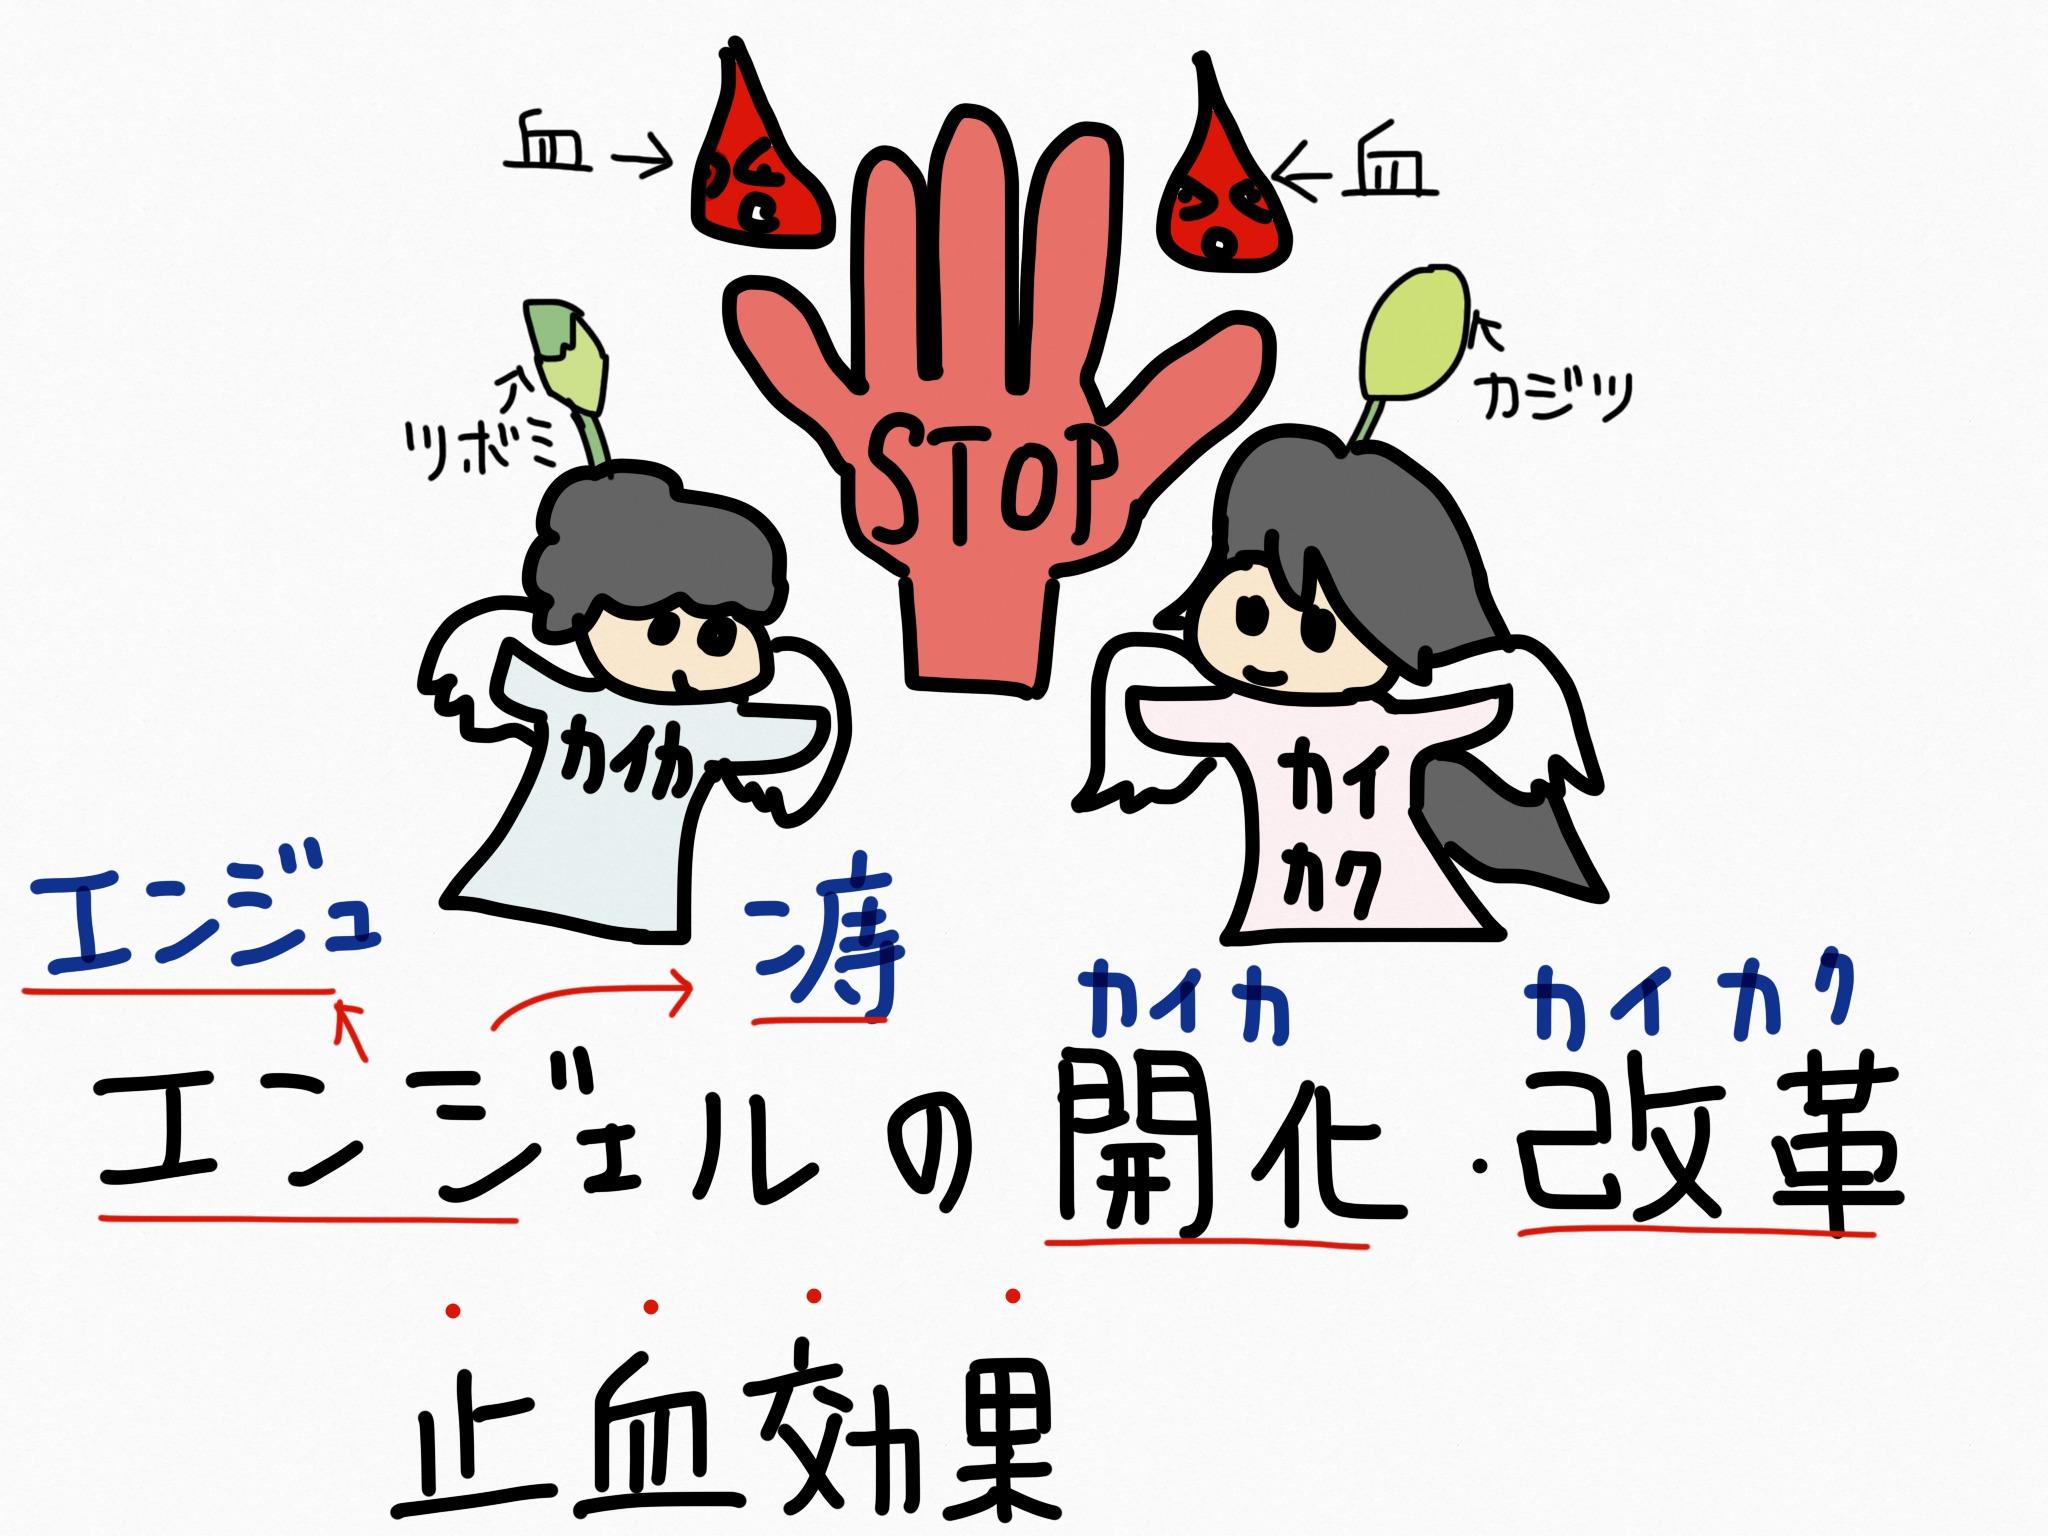 カイカ/カイカク[痔疾用薬]生薬の覚え方・暗記方法・語呂合わせ